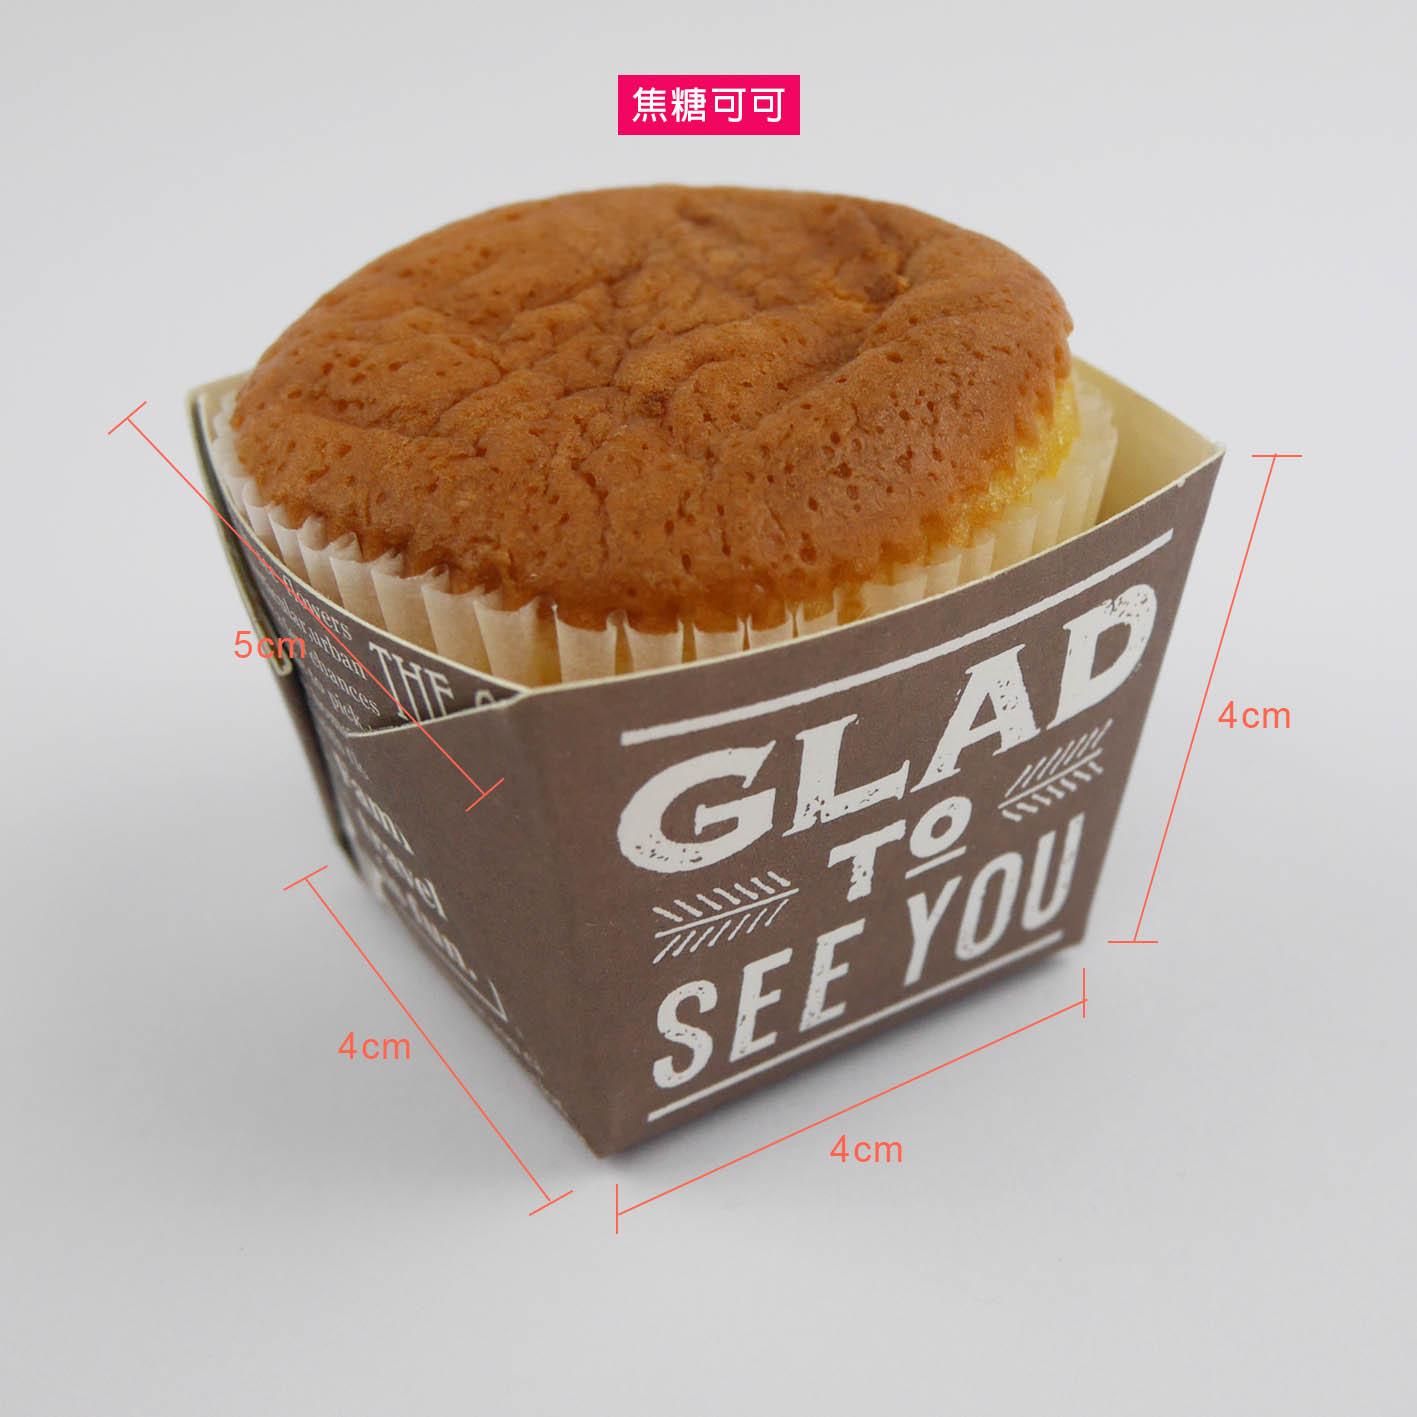 《袋袋相傳》A14 烘焙包裝-威風蛋糕小方杯2.jpg